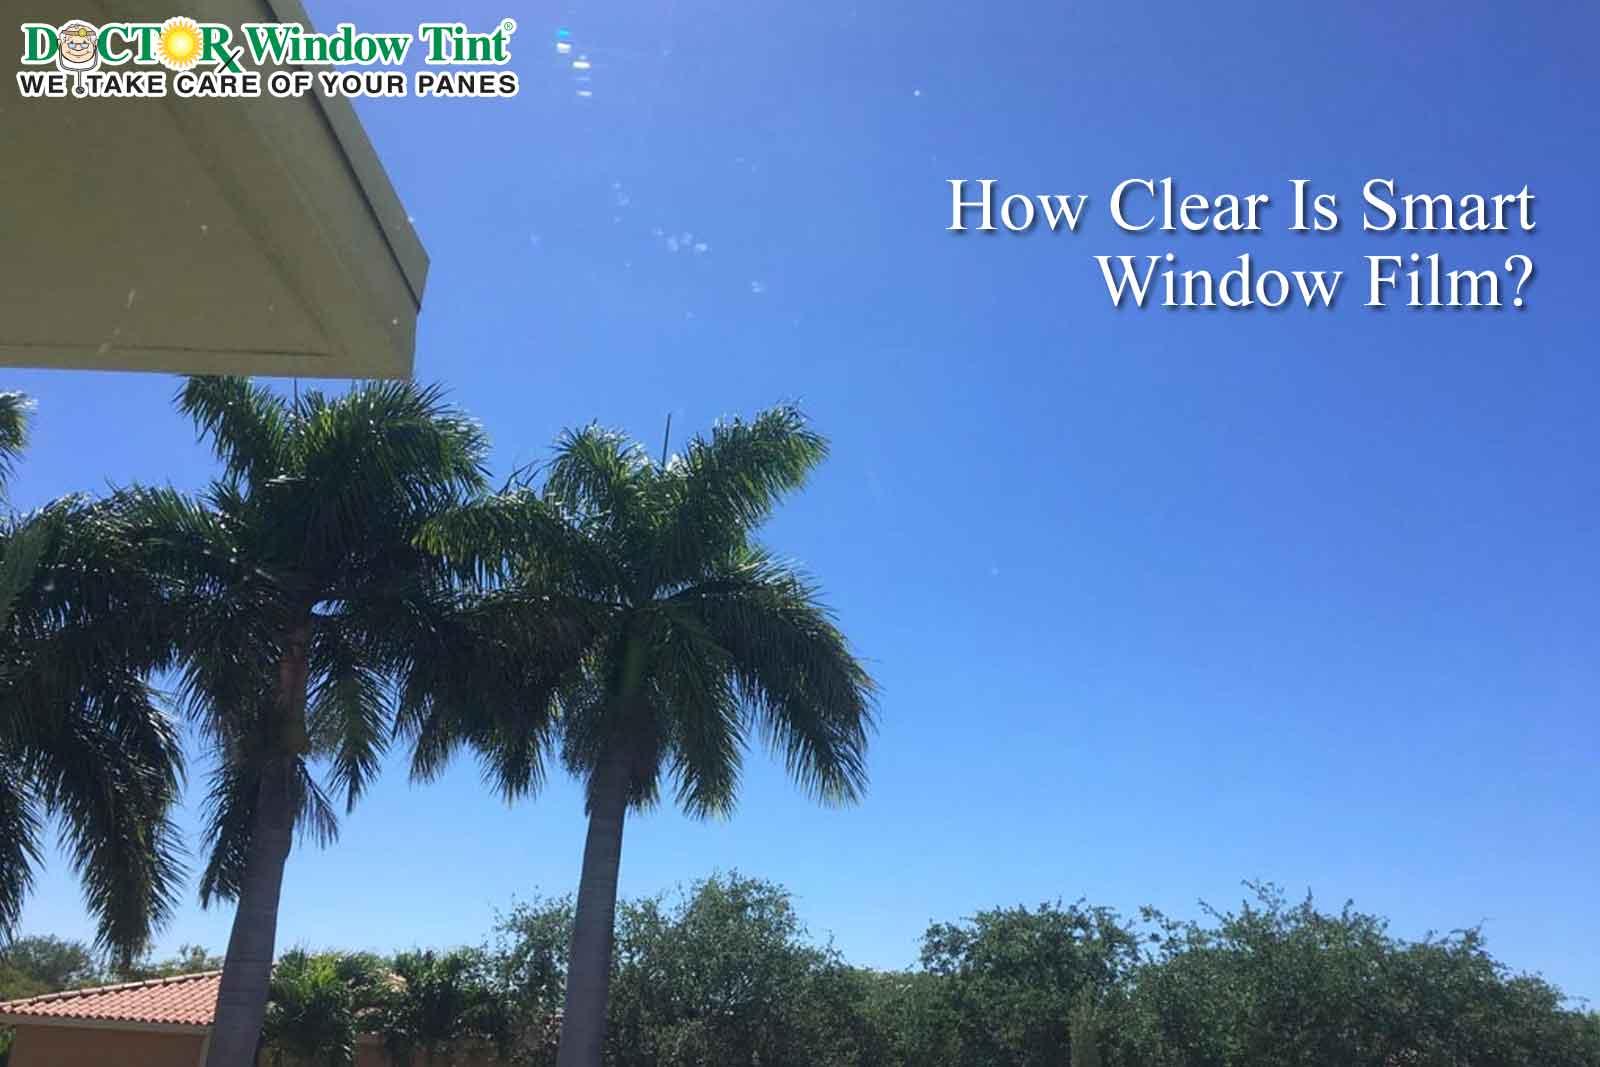 How Clear Is Smart Window Film